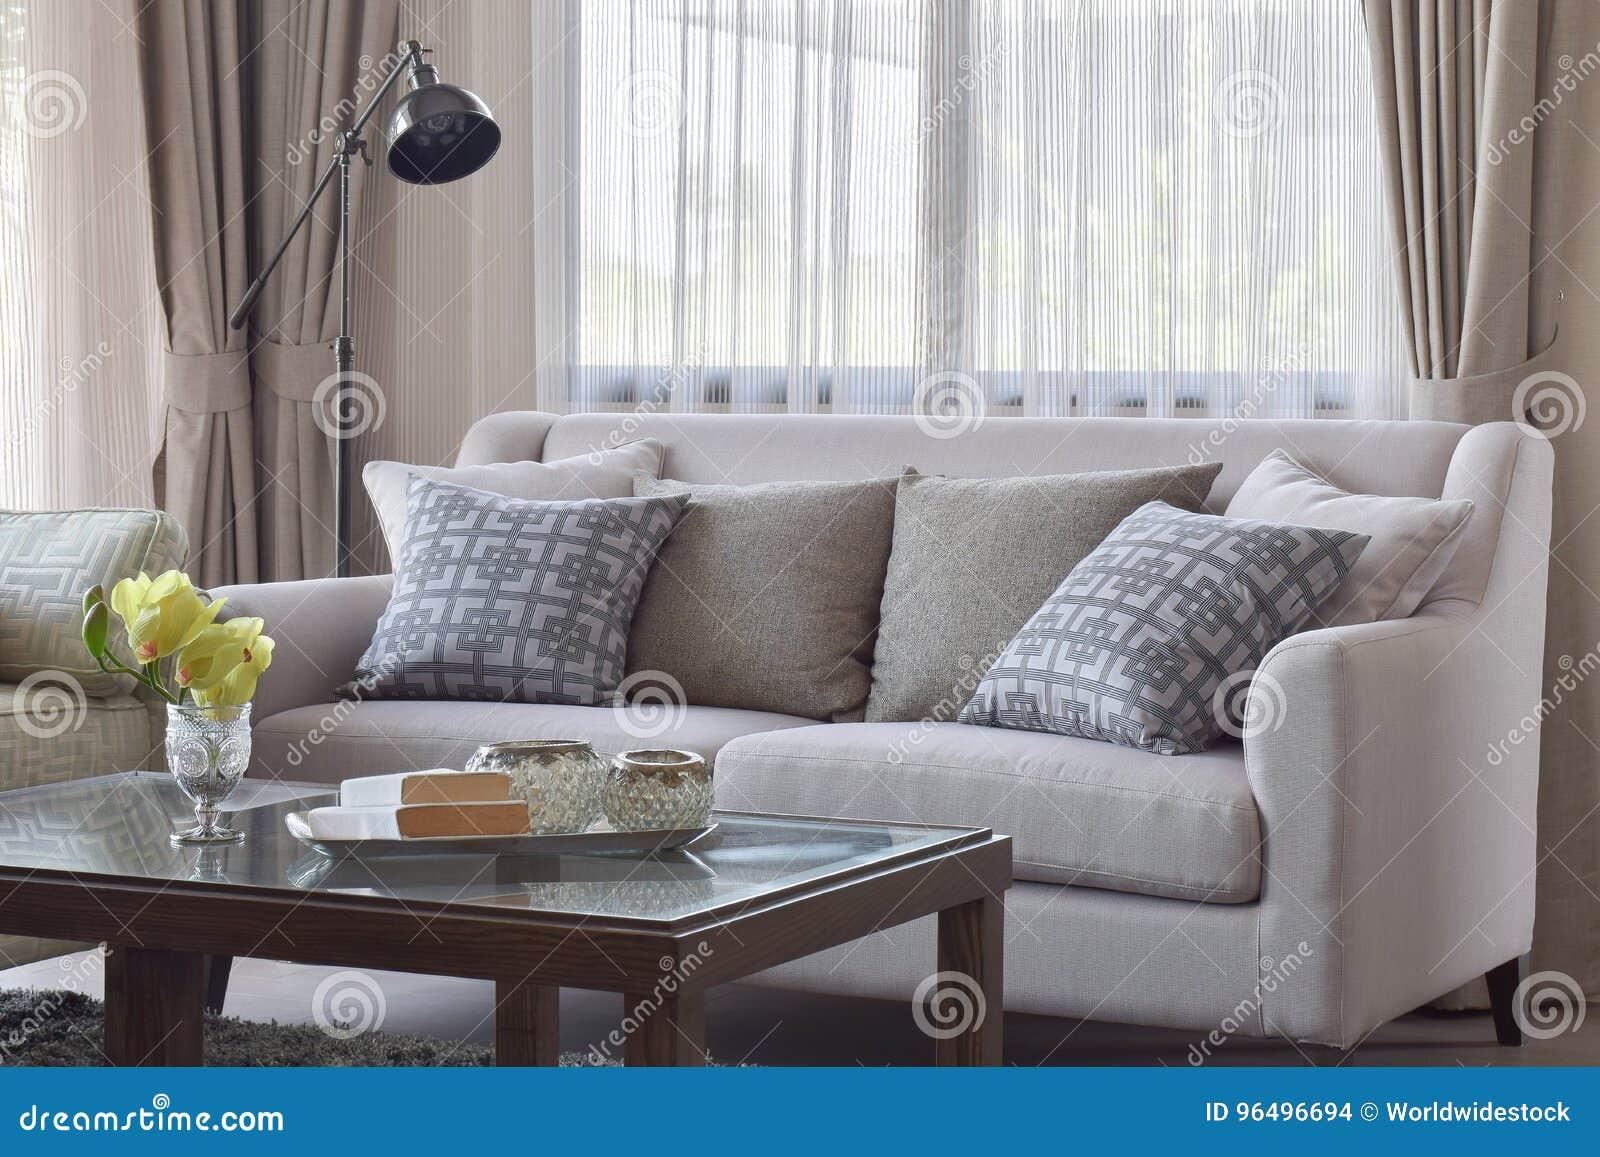 Schön Sofa Wohnzimmer Dekoration Von Pattern Kopieren Sie Die Kissen, Die Auf